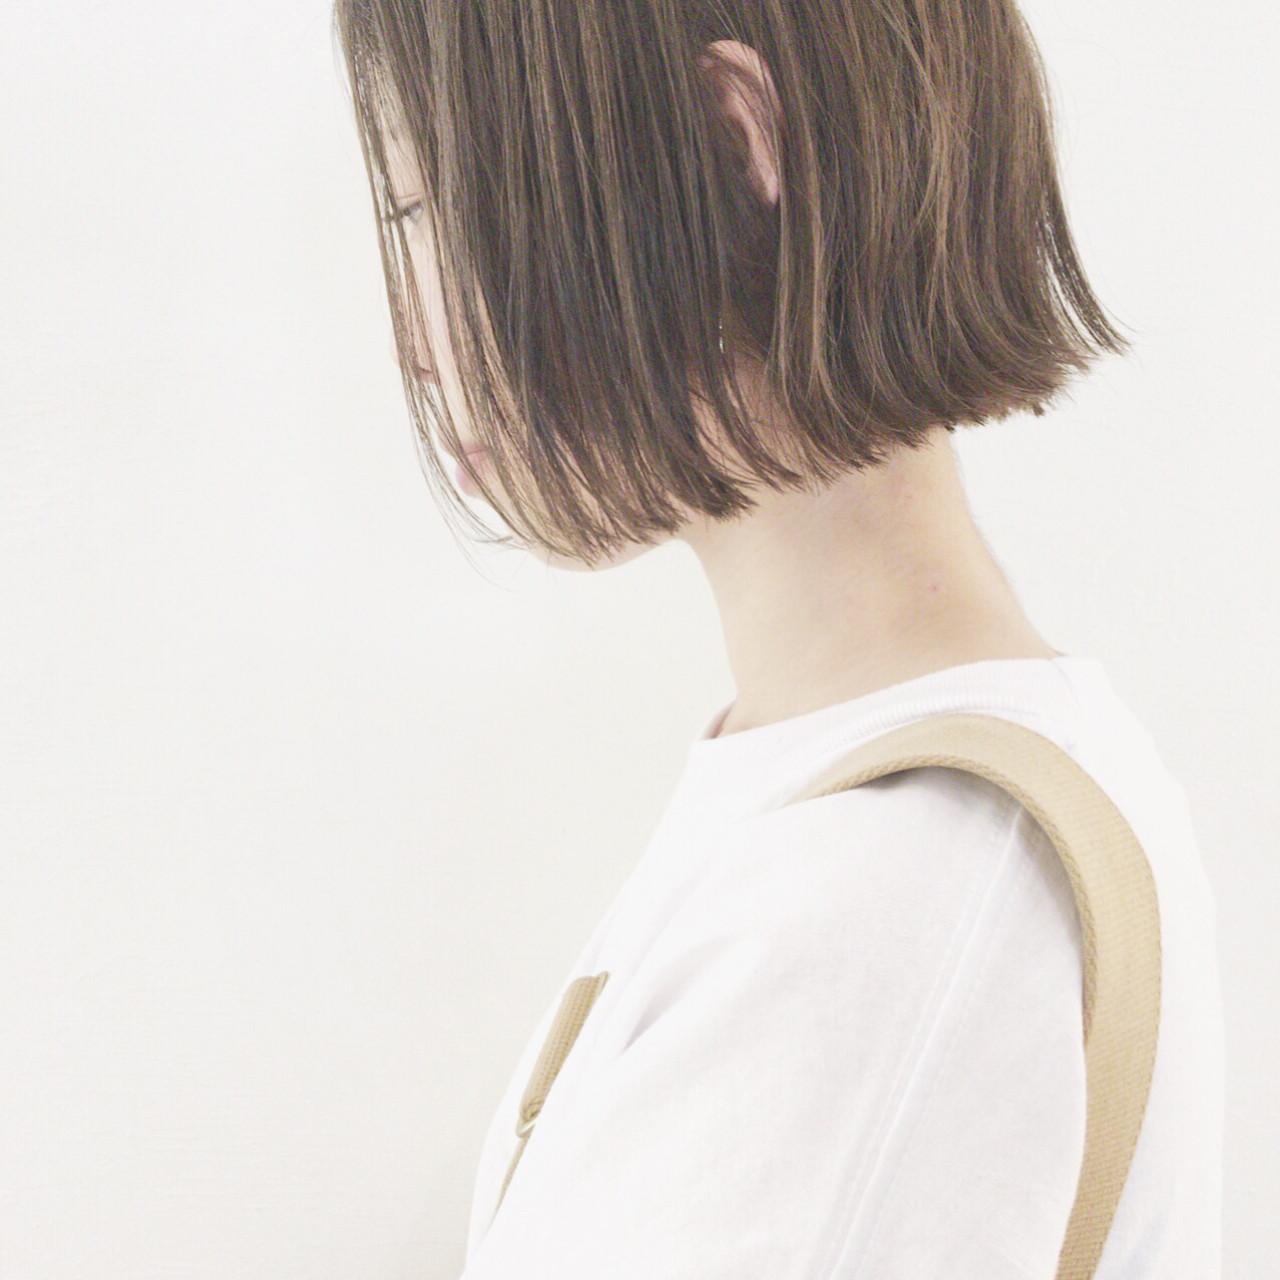 オフィス 切りっぱなし ボブ アウトドア ヘアスタイルや髪型の写真・画像   津村正和/大阪心斎橋 / freelance